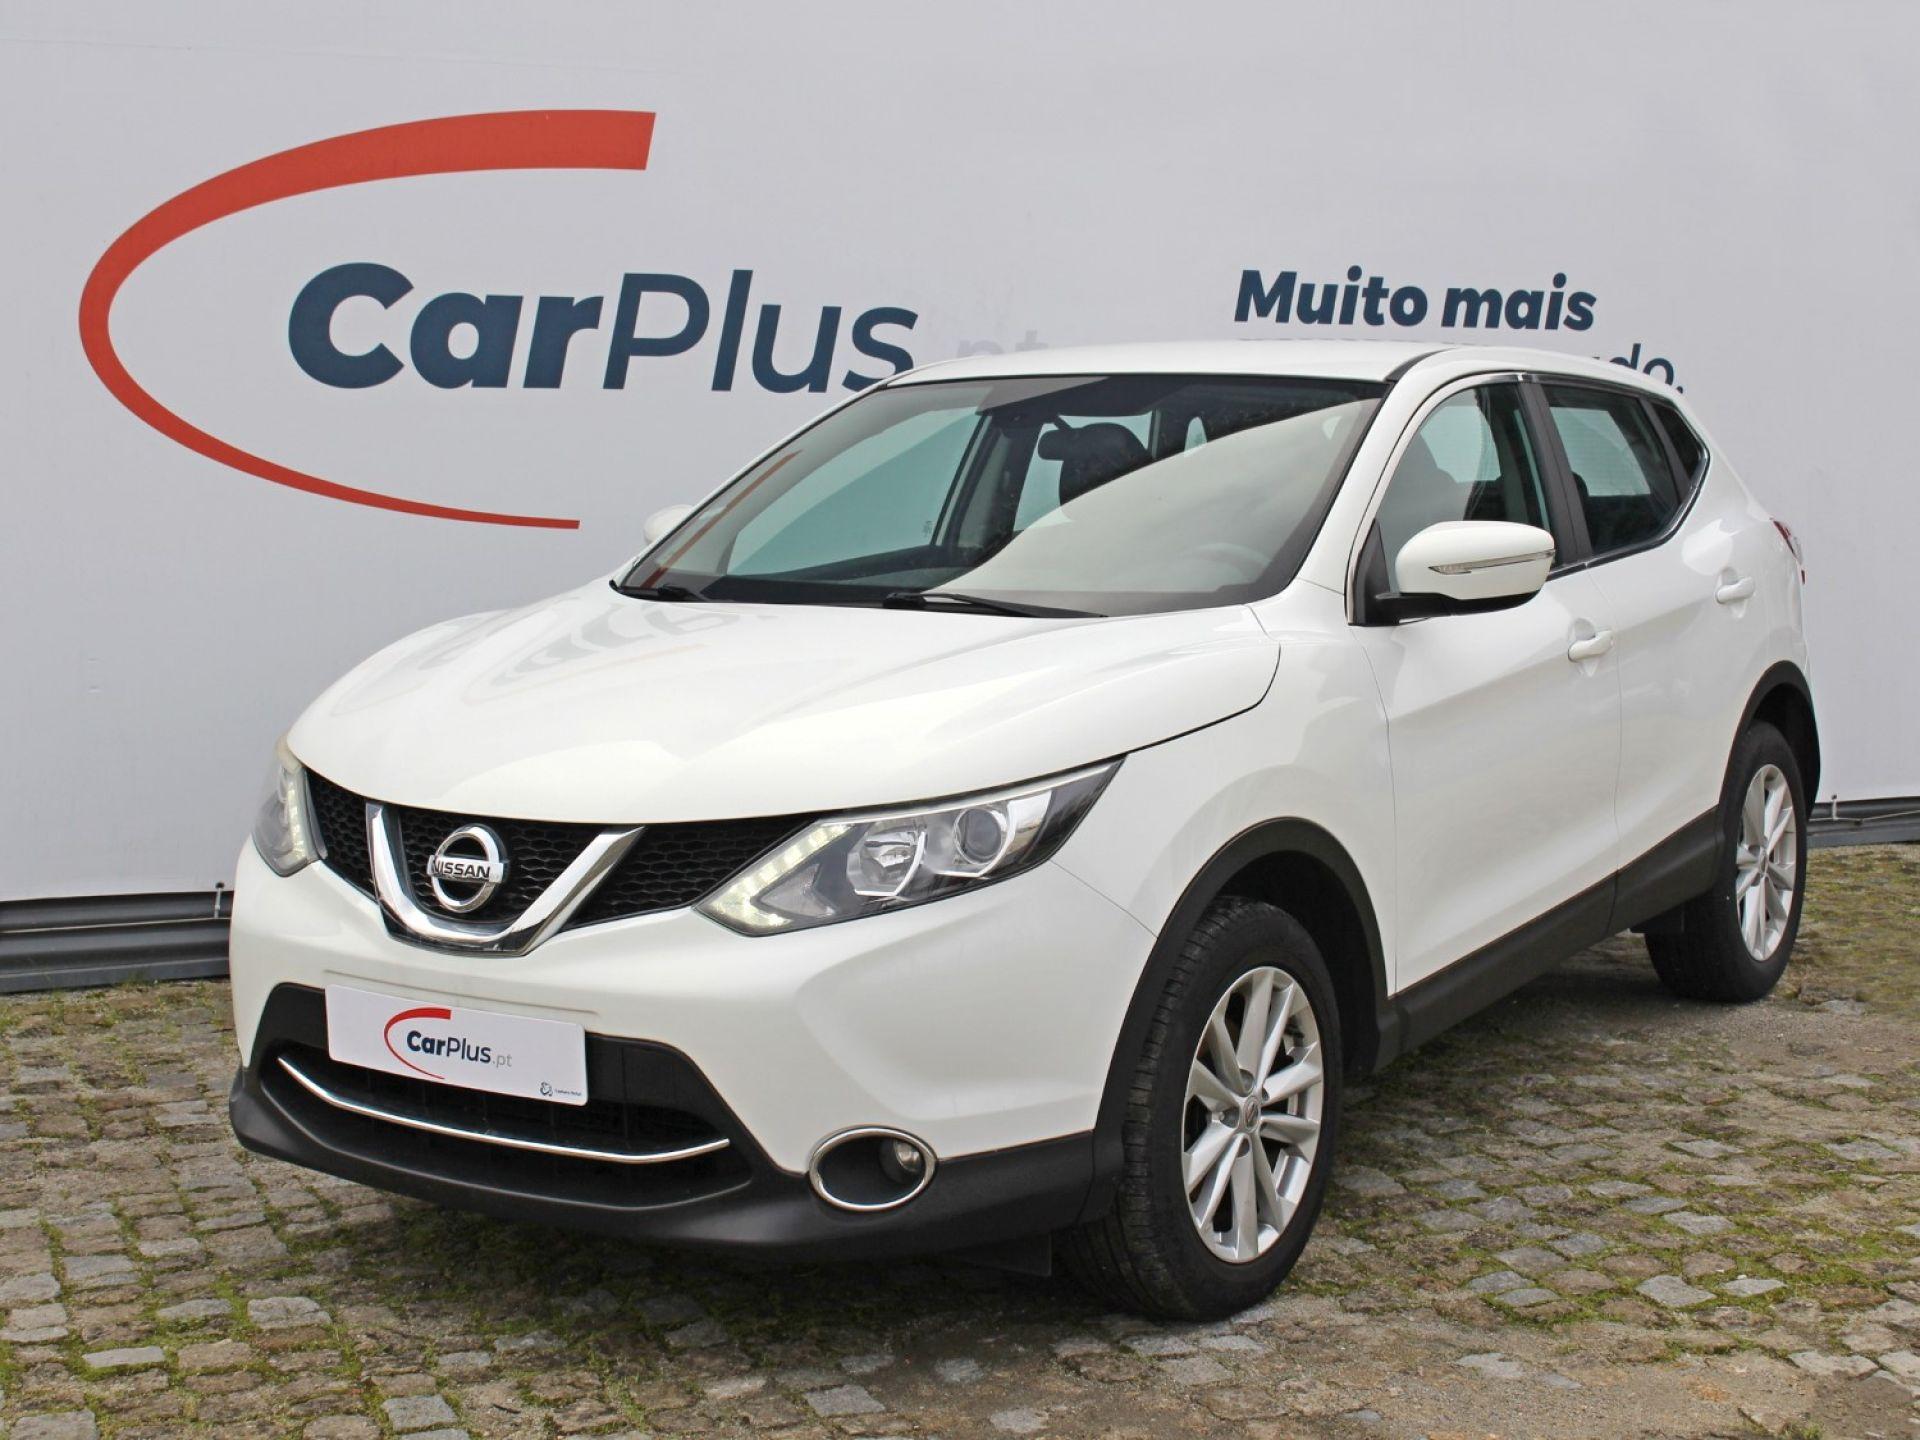 Nissan Qashqai 1.5 dCi Acenta segunda mão Porto